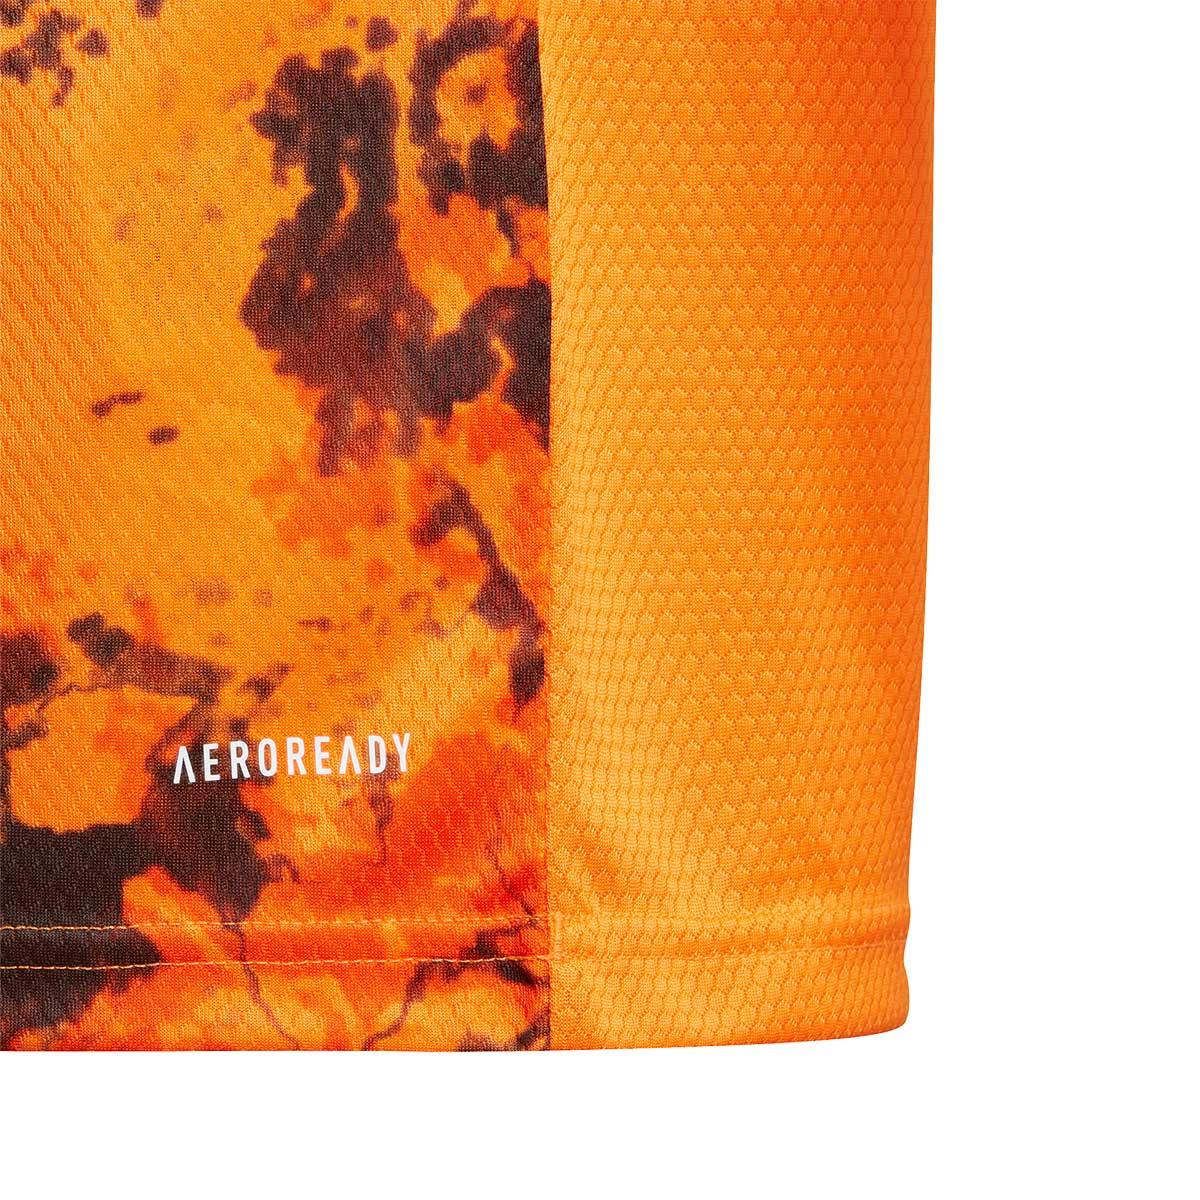 jersey adidas kids juventus 2020 2021 third bahia orange football store futbol emotion adidas kids juventus 2020 2021 third jersey